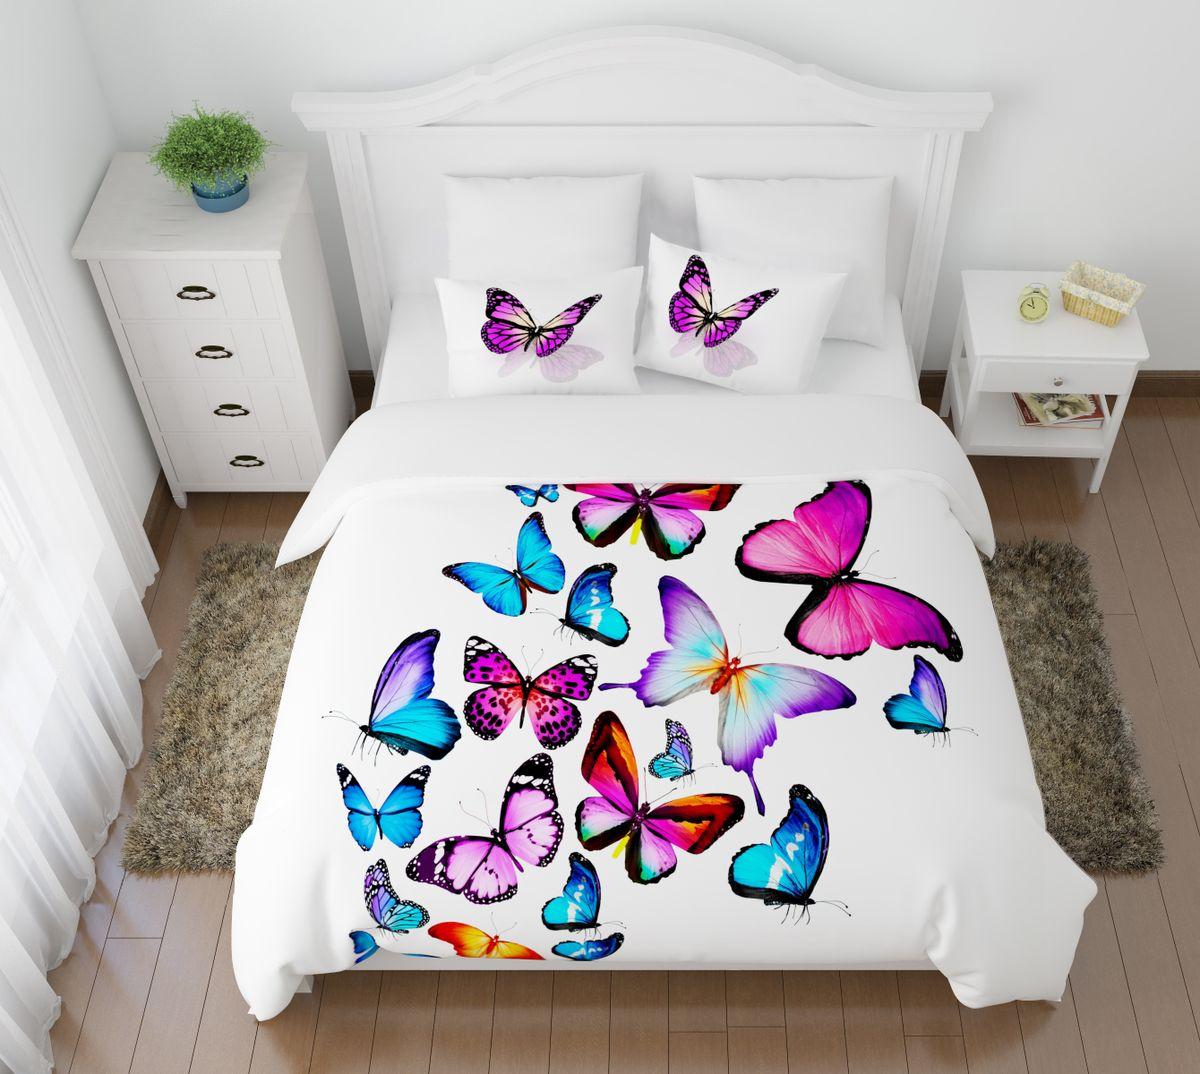 Комплект белья Сирень Яркие бабочки, 2-спальный, наволочки 50х7008447-КПБ2-МКомплект постельного белья Сирень выполнен из прочной и мягкой ткани. Четкий и стильный рисунок в сочетании с насыщенными красками делают комплект постельного белья неповторимой изюминкой любого интерьера.Постельное белье идеально подойдет для подарка. Идеальное соотношение смешенной ткани и гипоаллергенных красок - это гарантия здорового, спокойного сна. Ткань хорошо впитывает влагу, надолго сохраняет яркость красок.В комплект входят: простынь, пододеяльник, две наволочки. Постельное белье легко стирать при 30-40°С, гладить при 150°С, не отбеливать. Рекомендуется перед первым использованием постирать.УВАЖАЕМЫЕ КЛИЕНТЫ! Обращаем ваше внимание, что цвет простыни, пододеяльника, наволочки в комплектации может немного отличаться от представленного на фото.